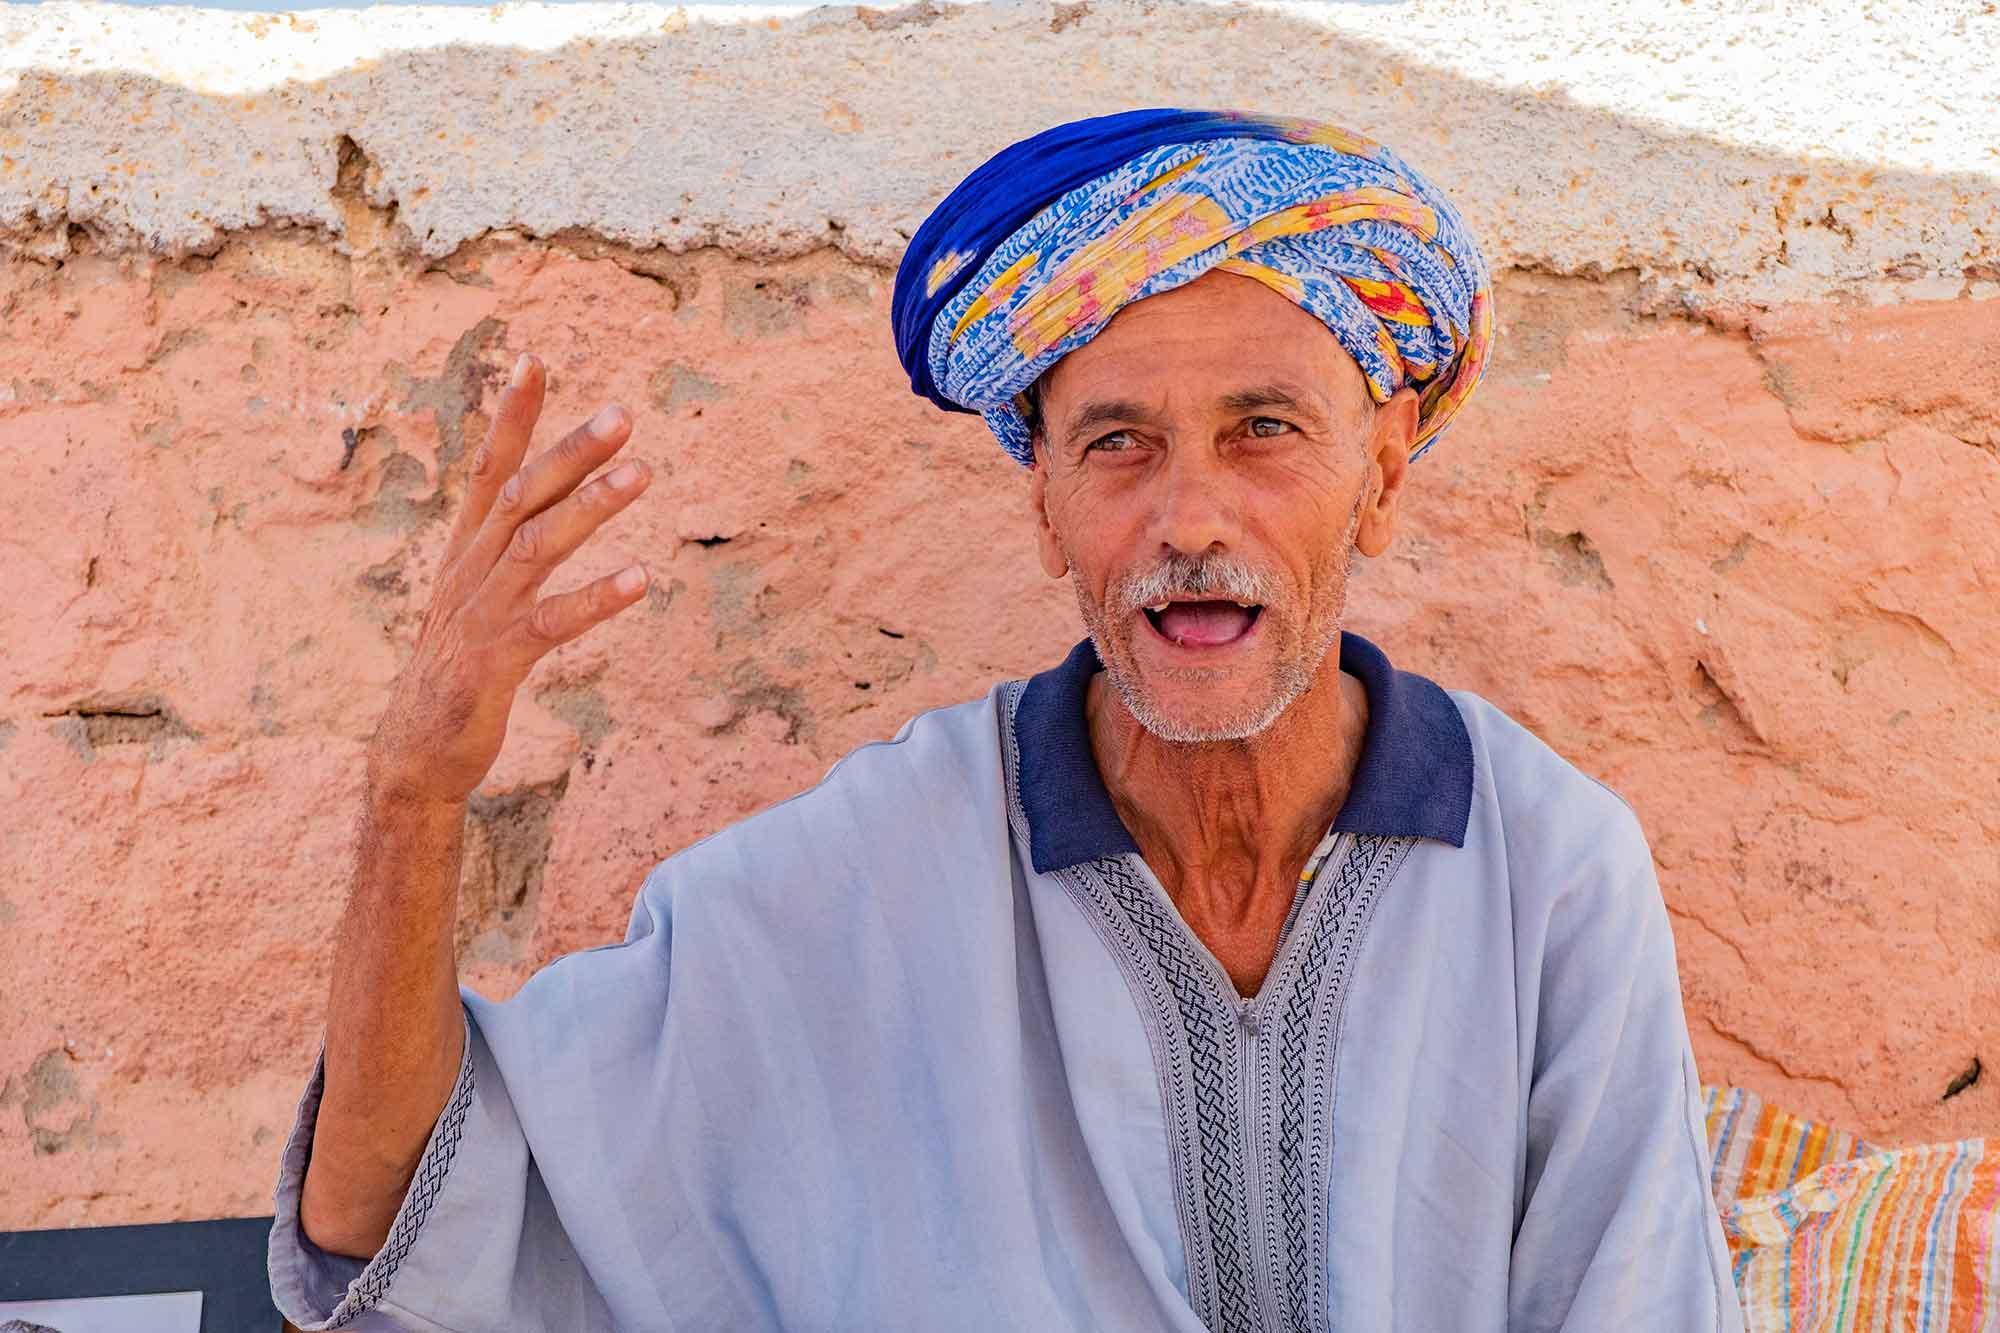 marocco-incontro-con-mercante-berbero-gestuale